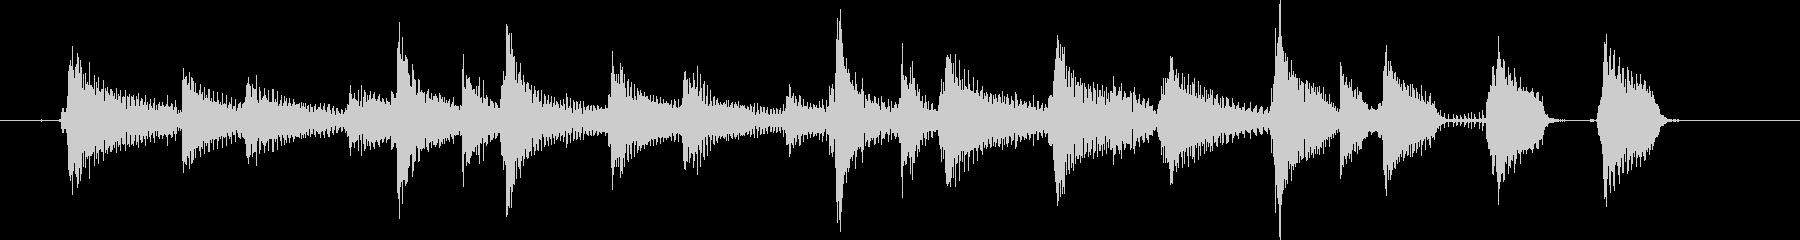 ウクレレとコンガのまったりなジングルの未再生の波形